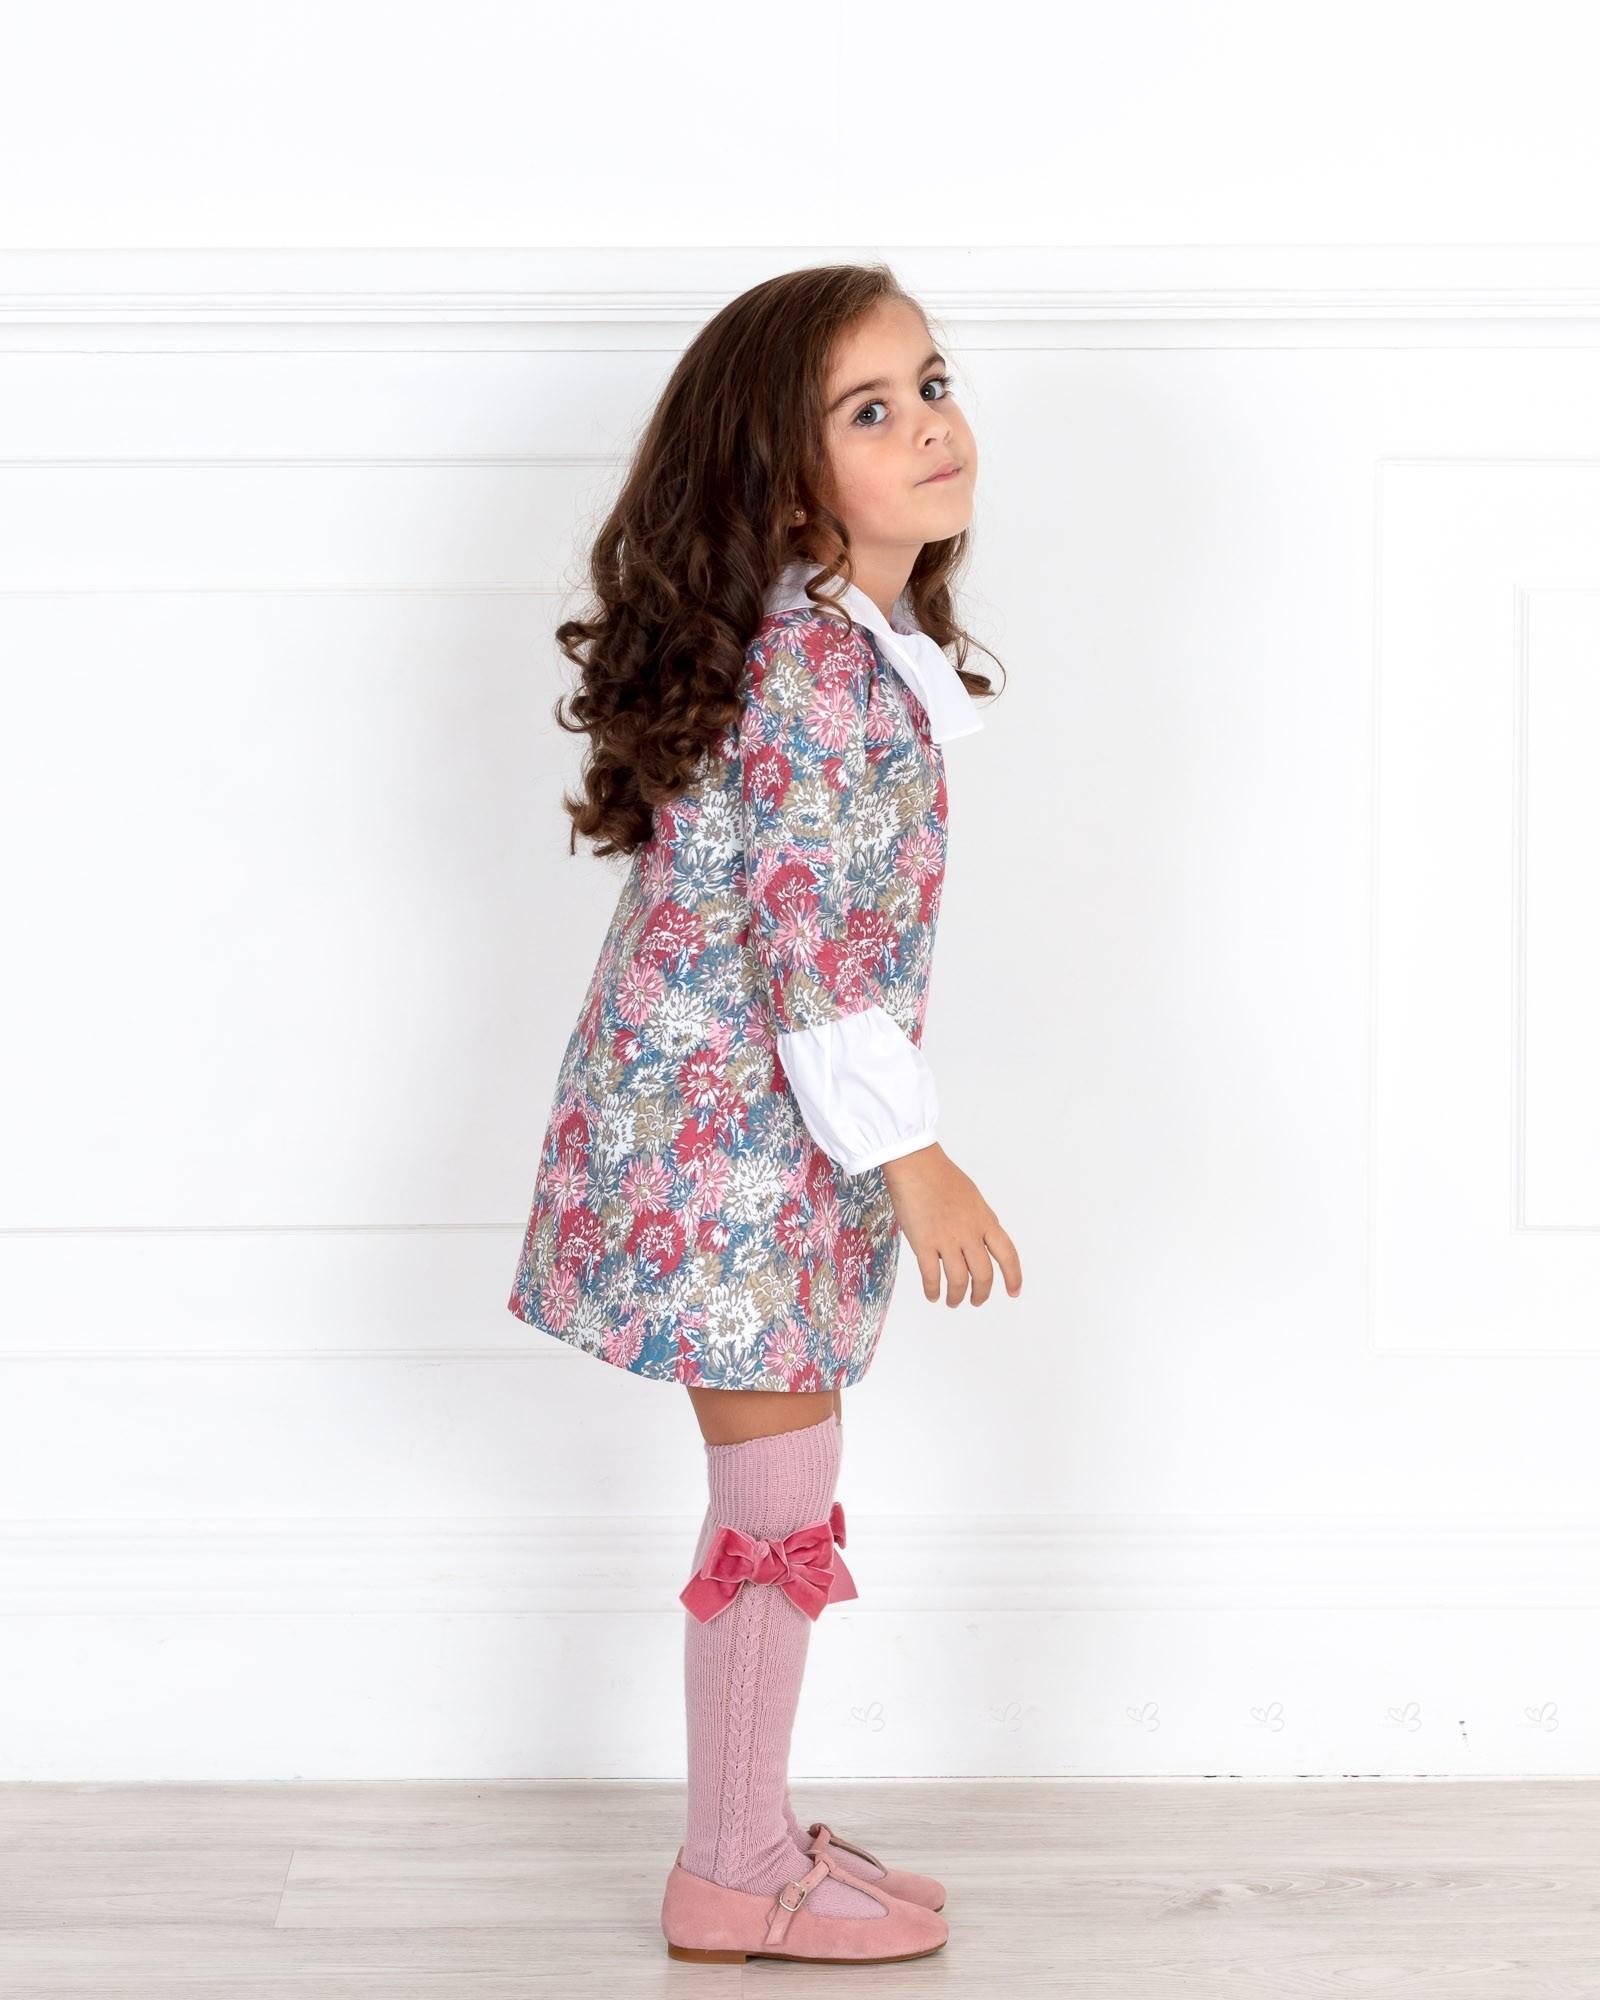 509a21d9ce0 ... Ancar Vestido Estampado Floral Rosa Cuello   Mangas Popelin Blanco